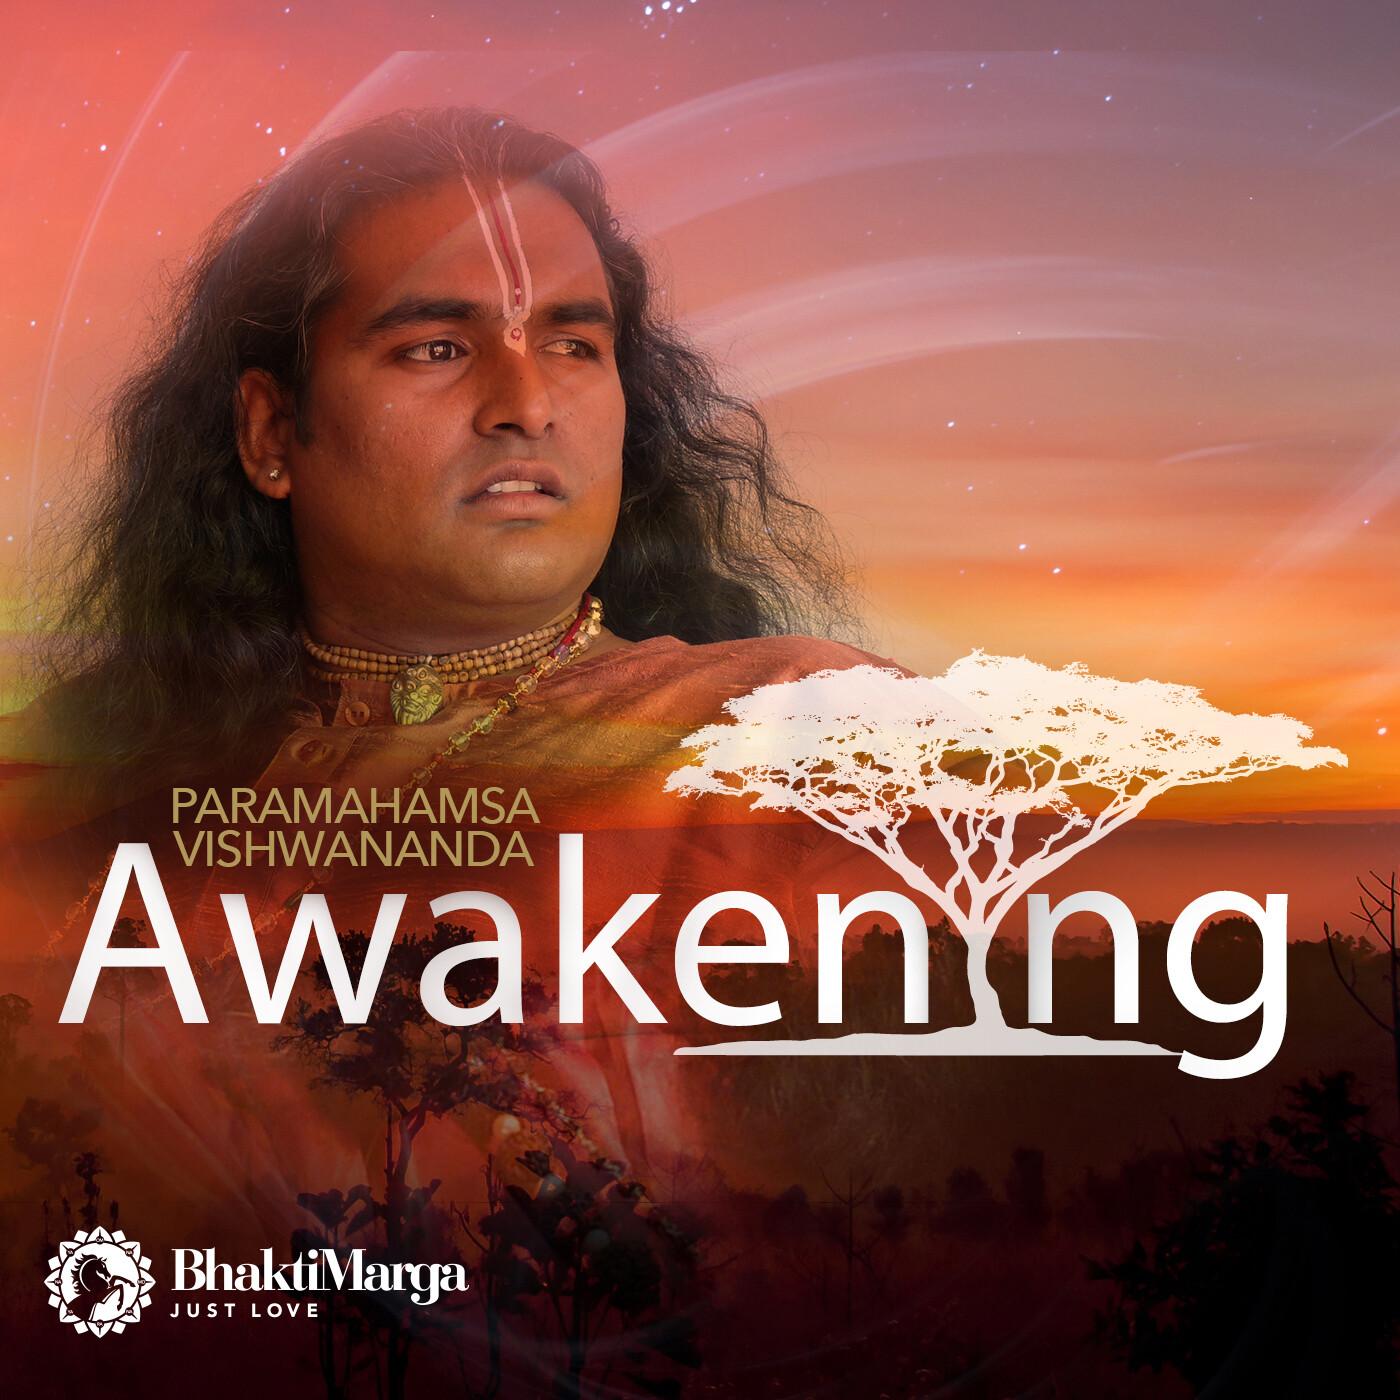 Awakening CD - Sri Swami Vishwananda